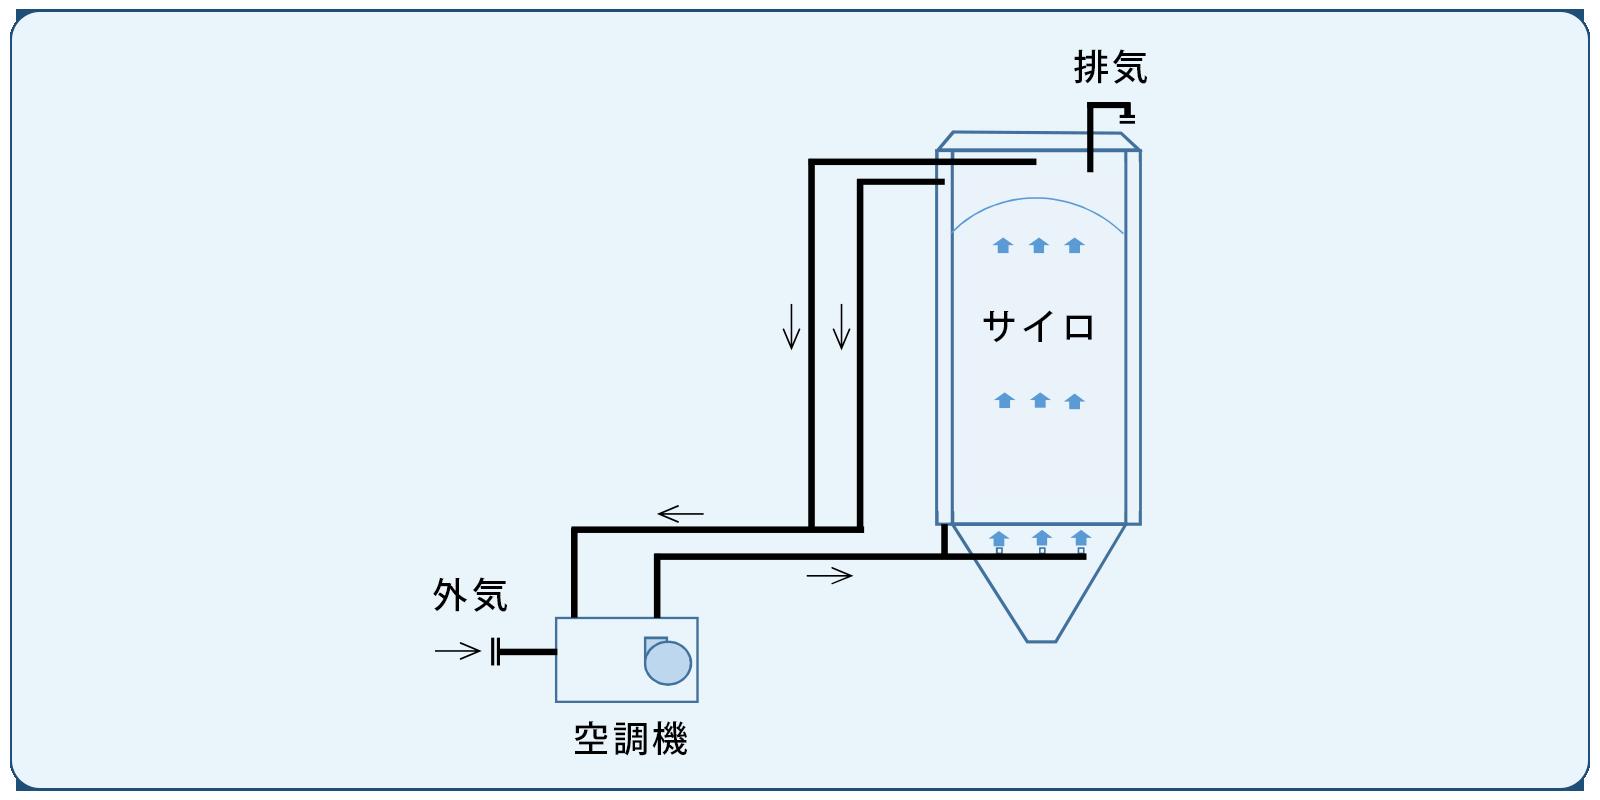 米サイロの冷却